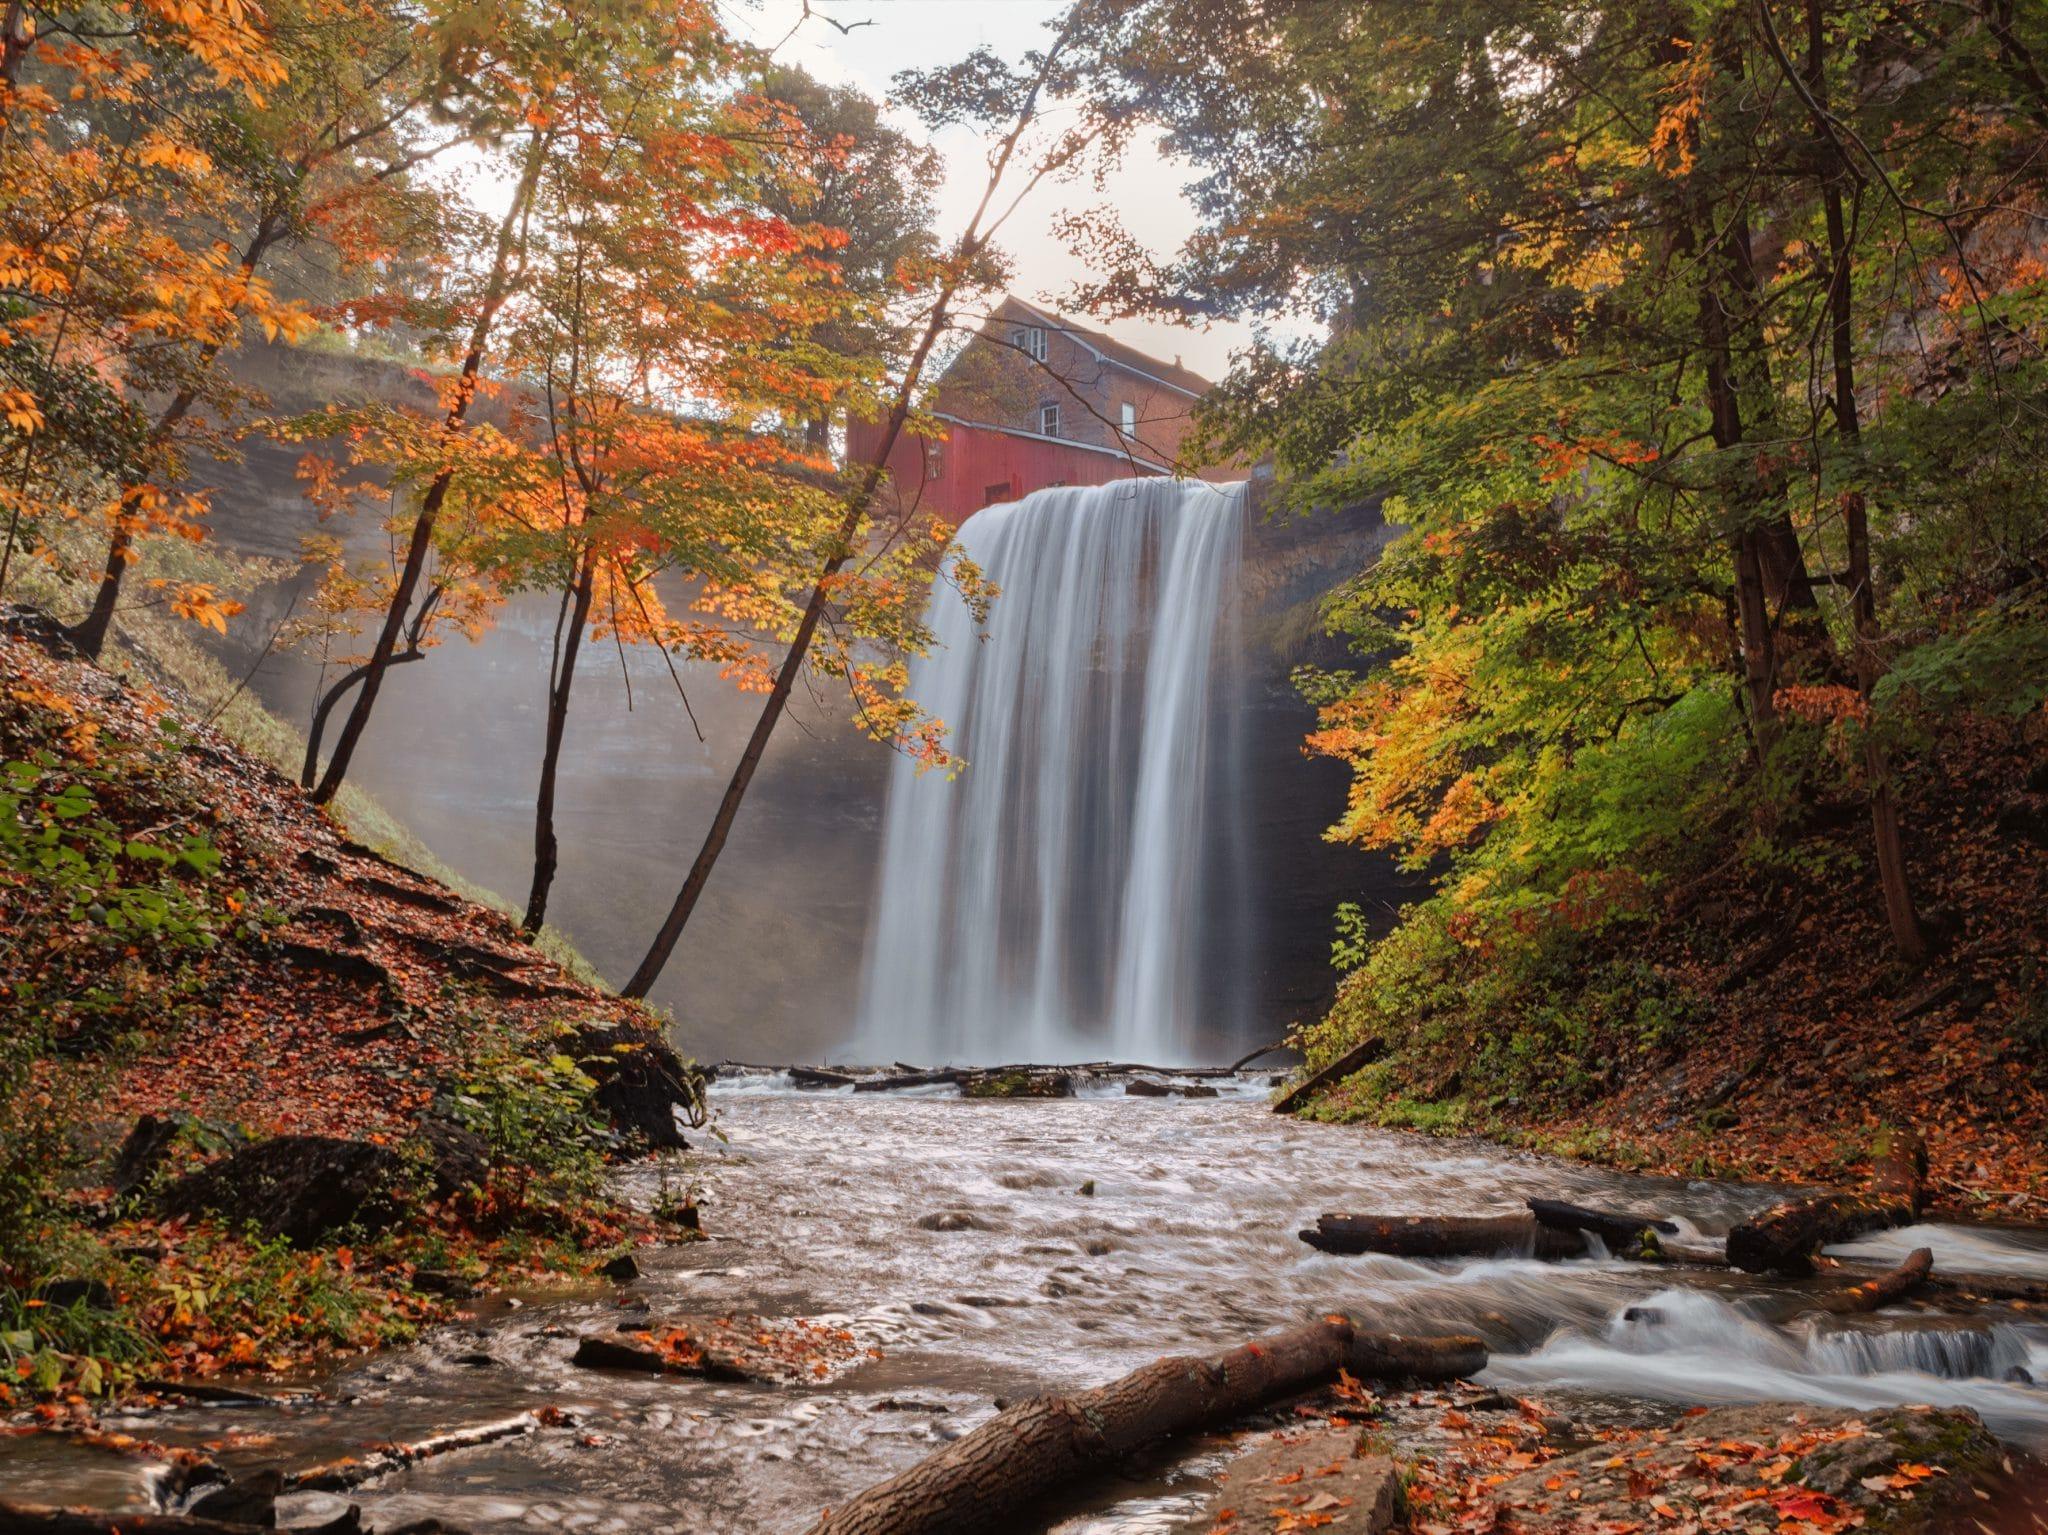 chute d'eau, aller au canada le temps d'un automne